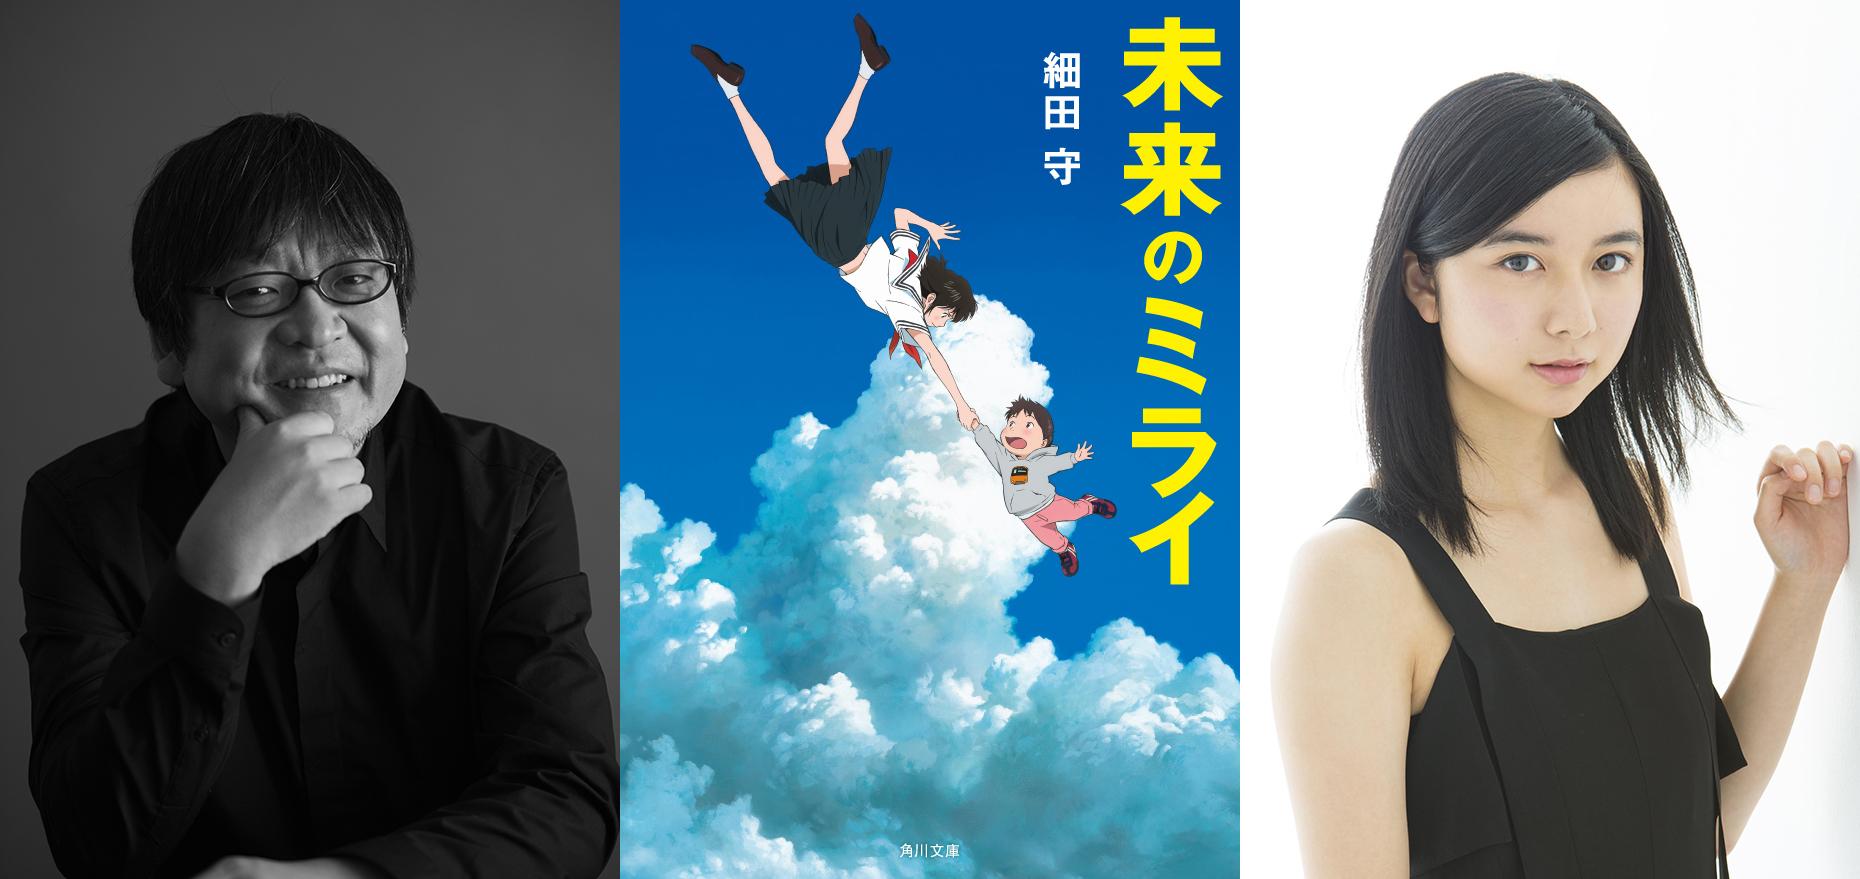 映画「未来のミライ」公開記念 細田守監督&上白石萌歌さんトークショー&読み聞かせイベント